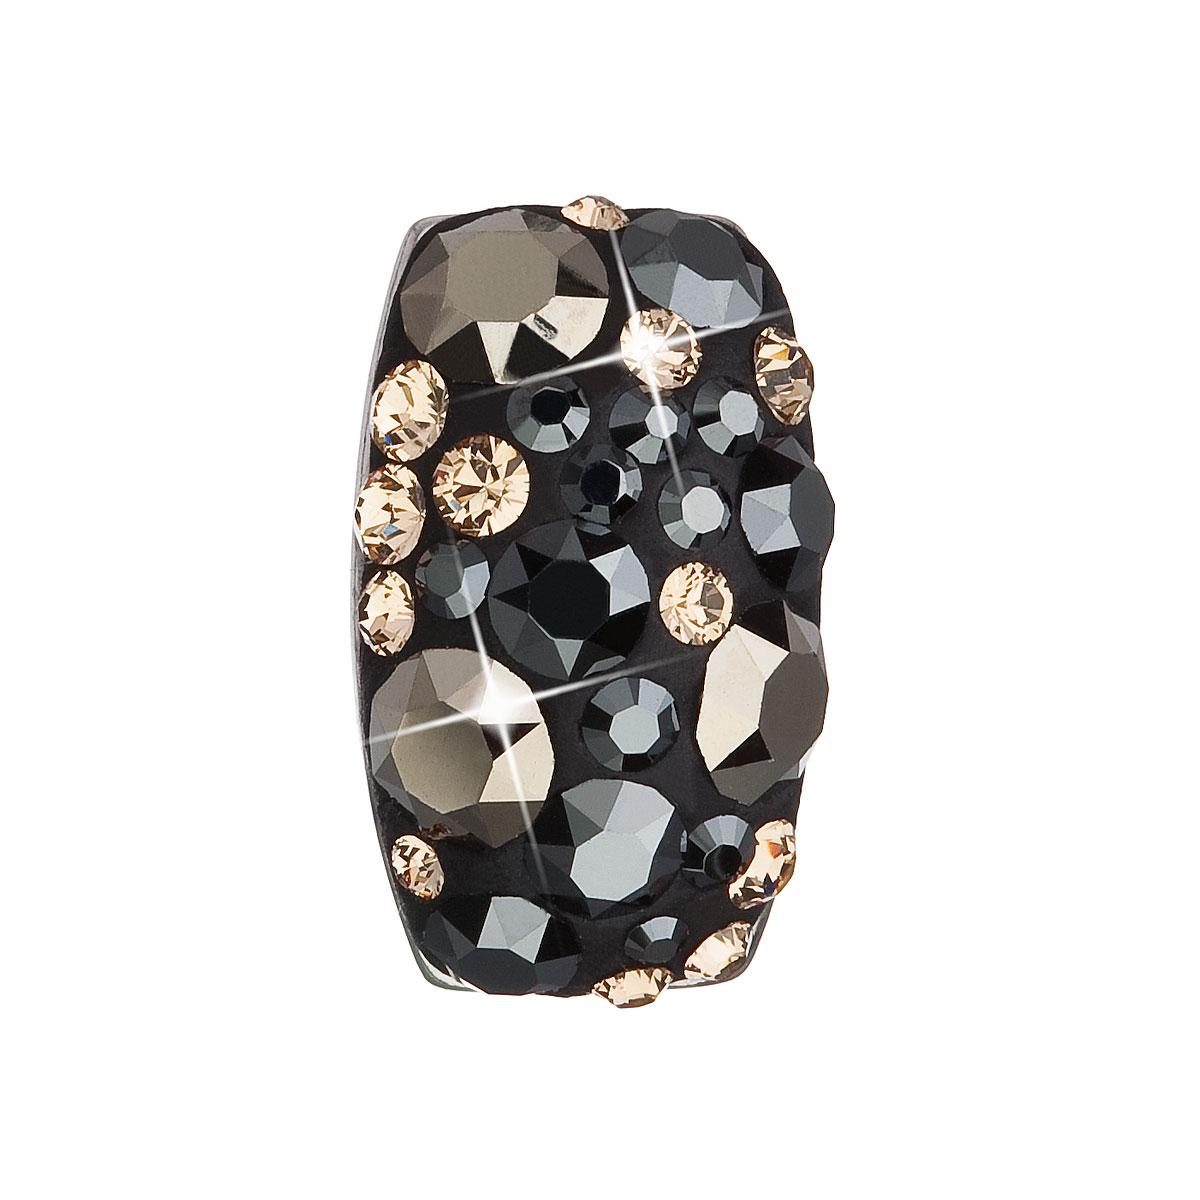 Stříbrný přívěsek s krystaly Swarovski mix barev obdélník 34194.4 colorado